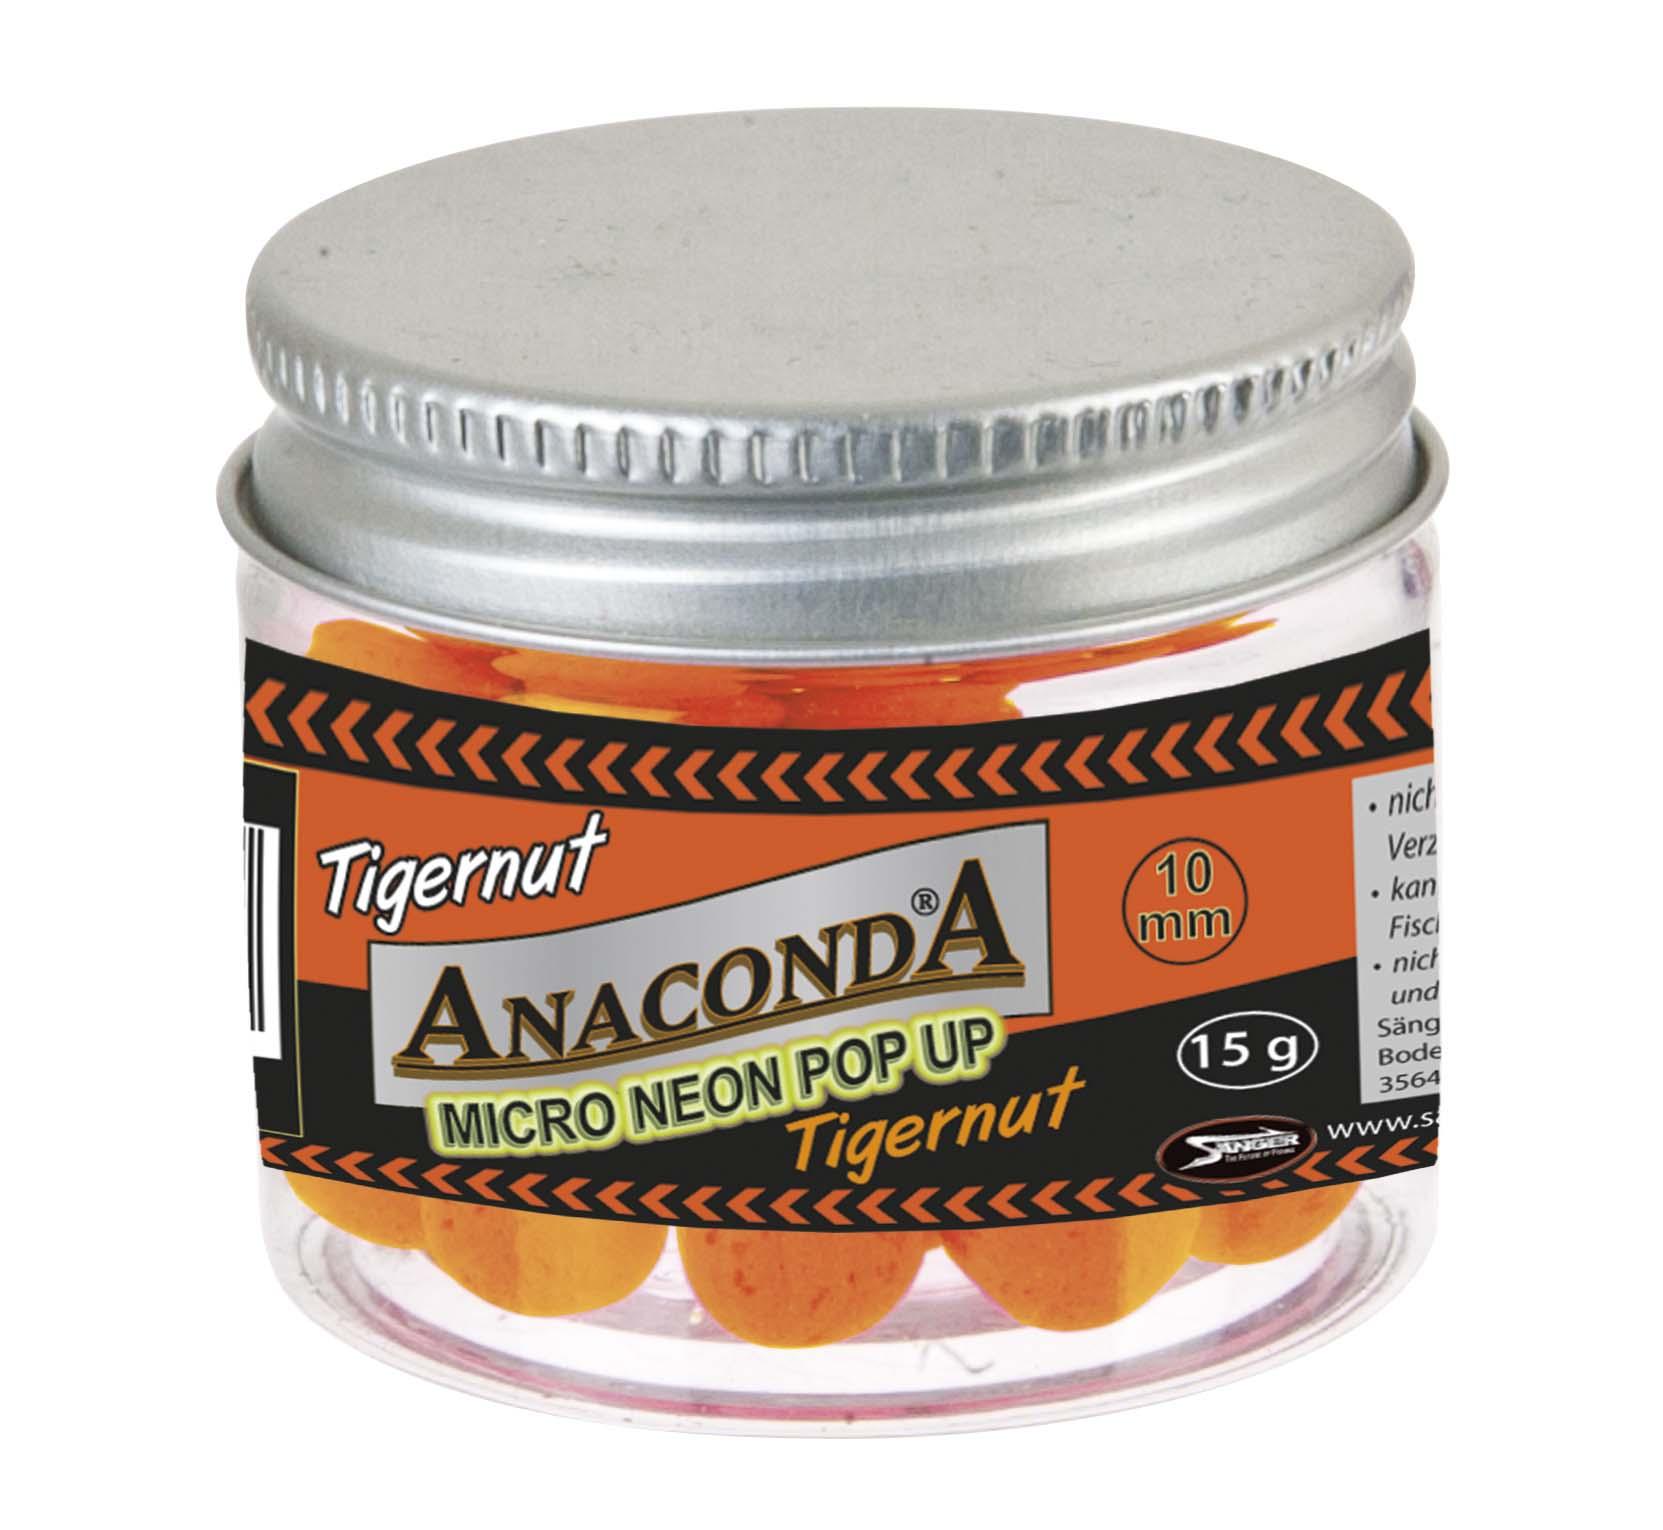 Micro neon pop-up s príchuťou Anaconda - Tigrý orech